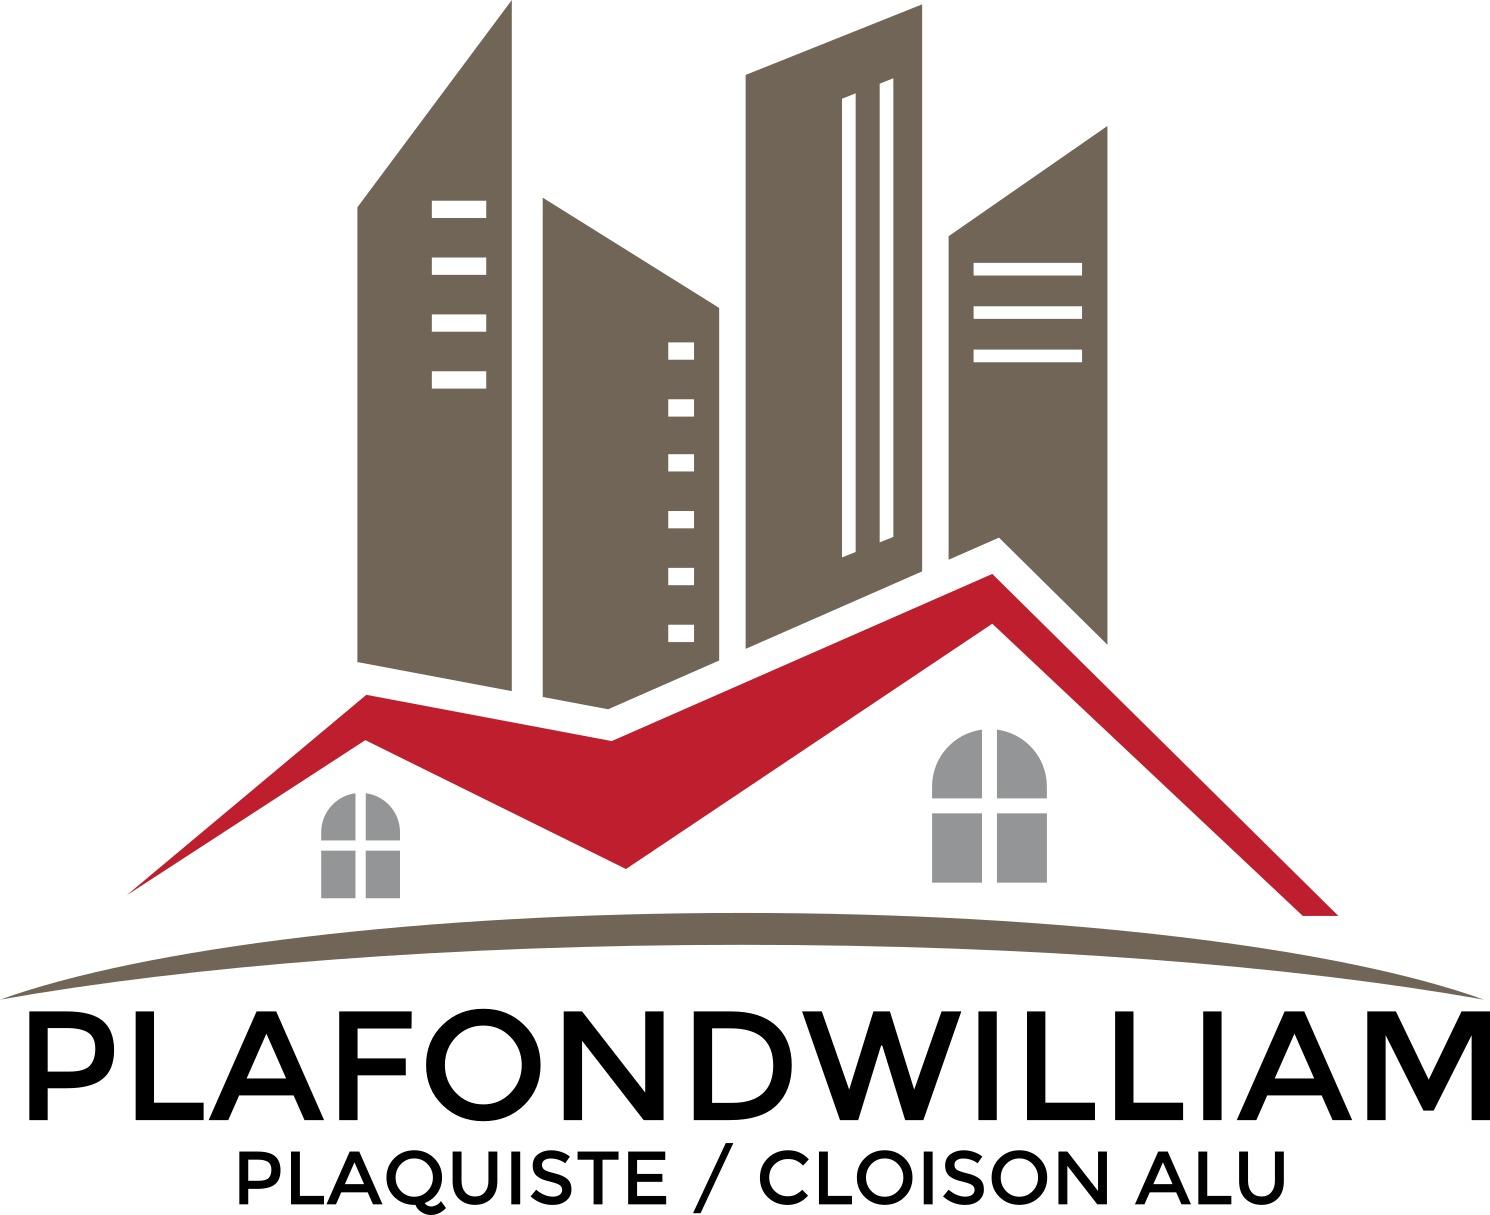 Logo de PLAFONDWILLIAM, société de travaux en Construction, murs, cloisons, plafonds en plaques de plâtre